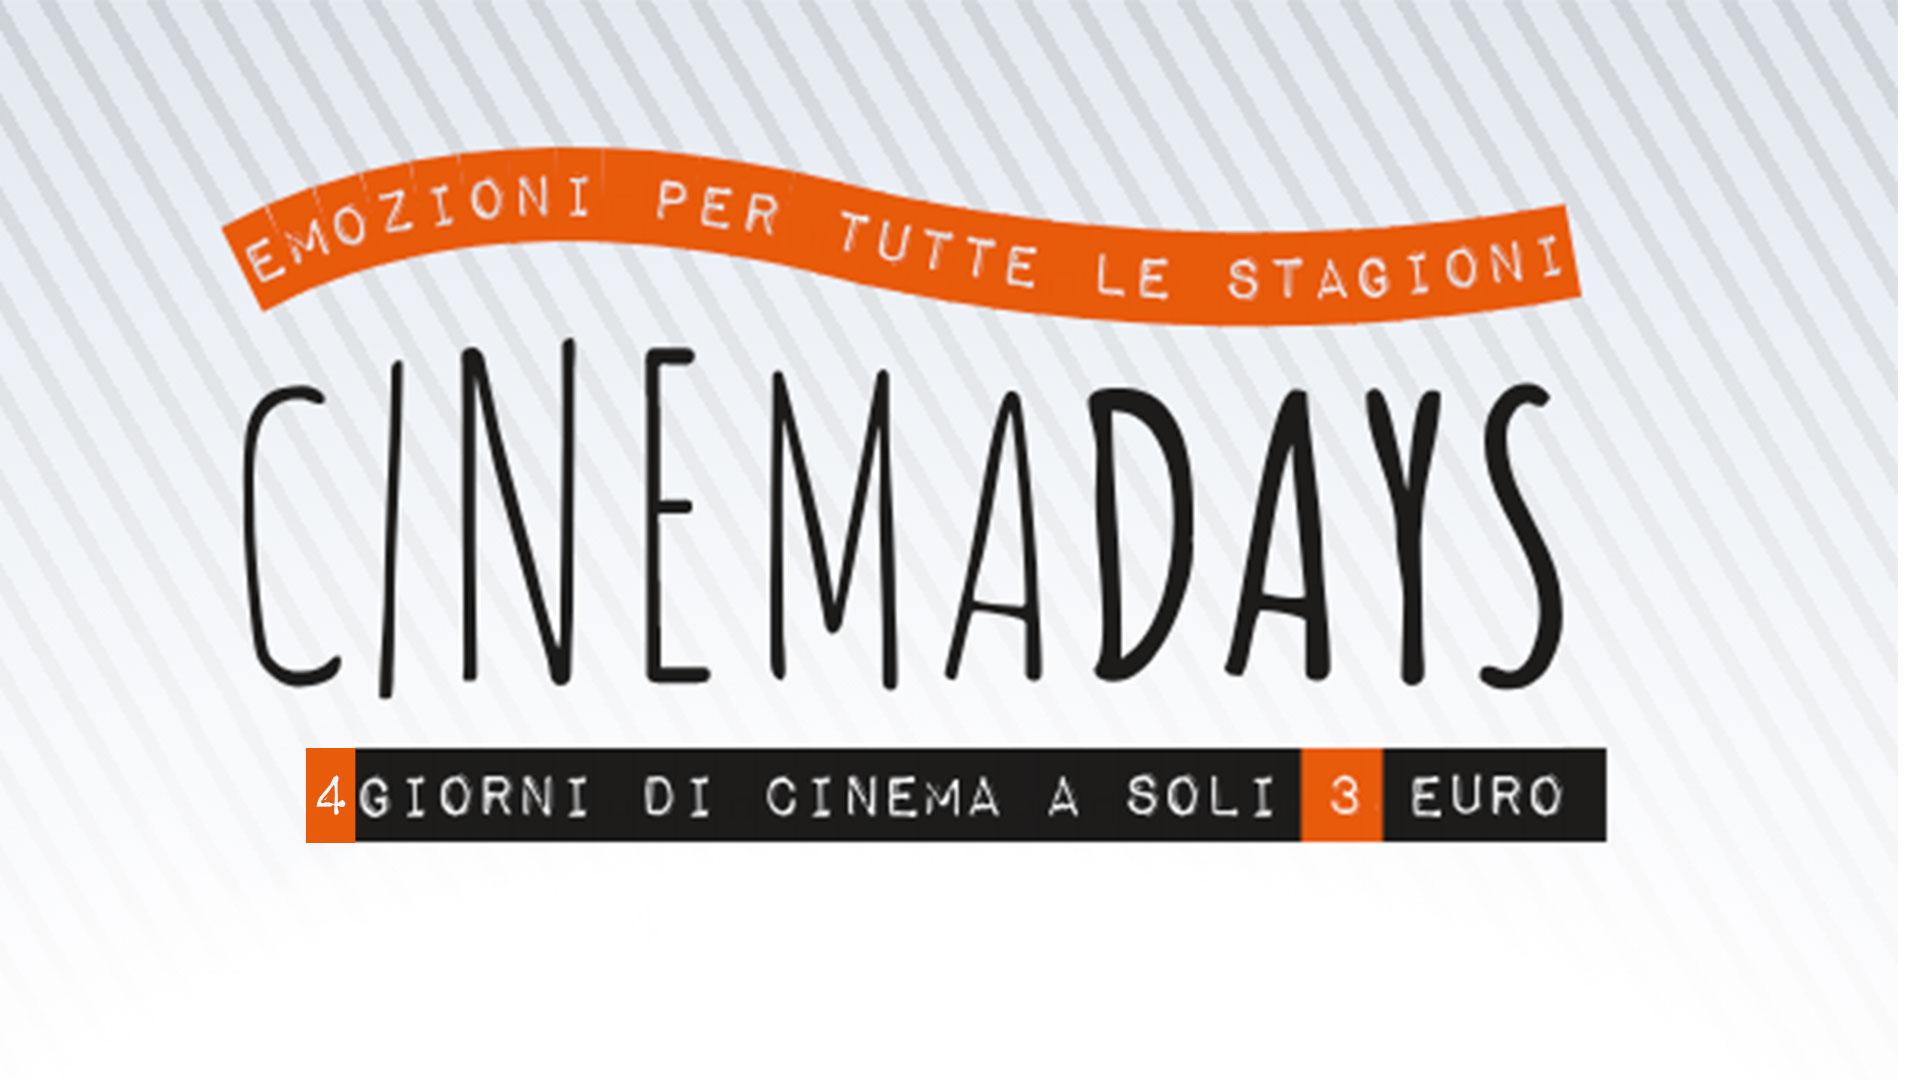 CinemaDays 2019, cinema aderenti, date e prezzo unico biglietti